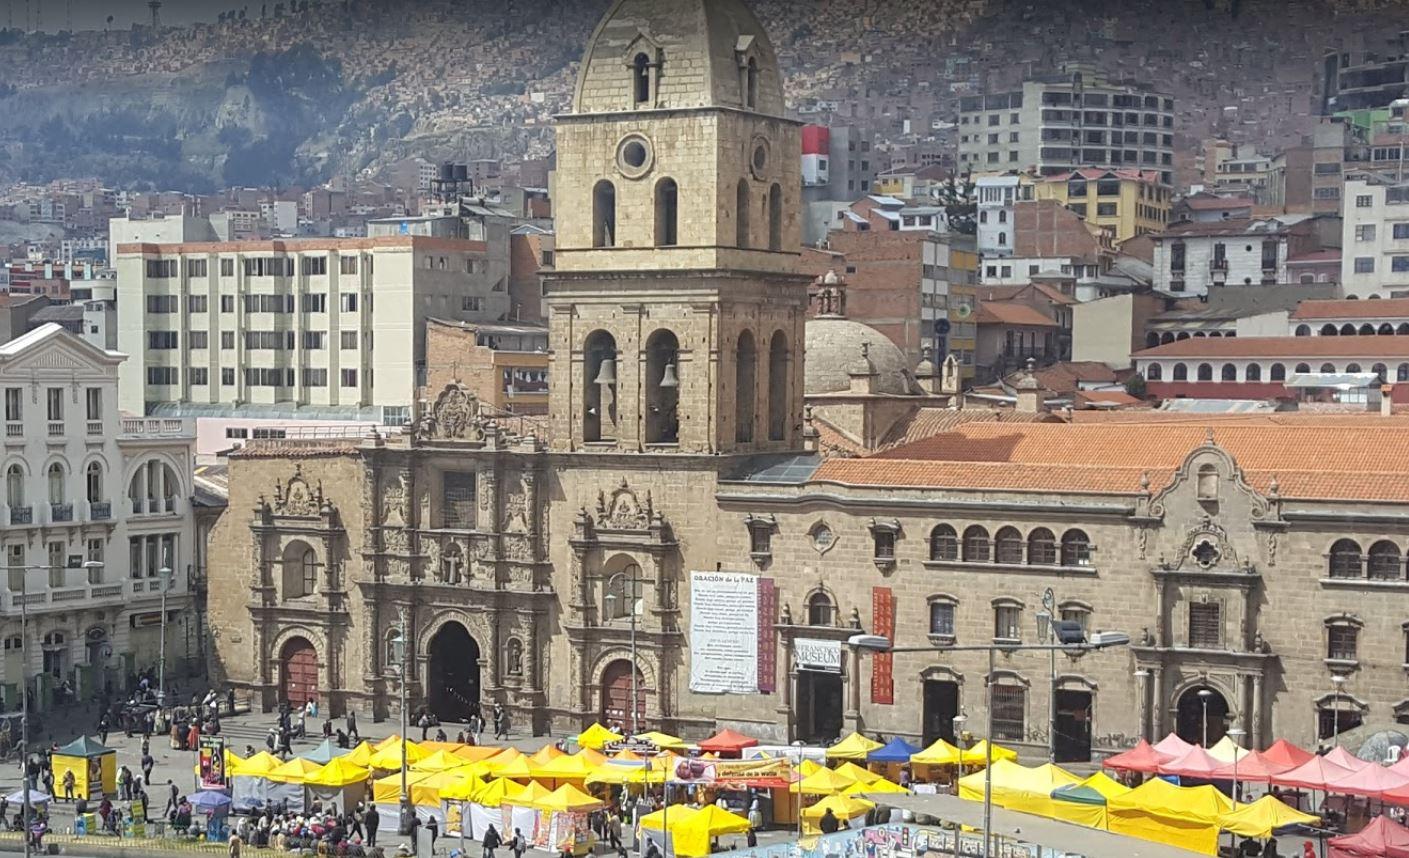 La Paz'daki San Francisco Meydanı ve Katedrali